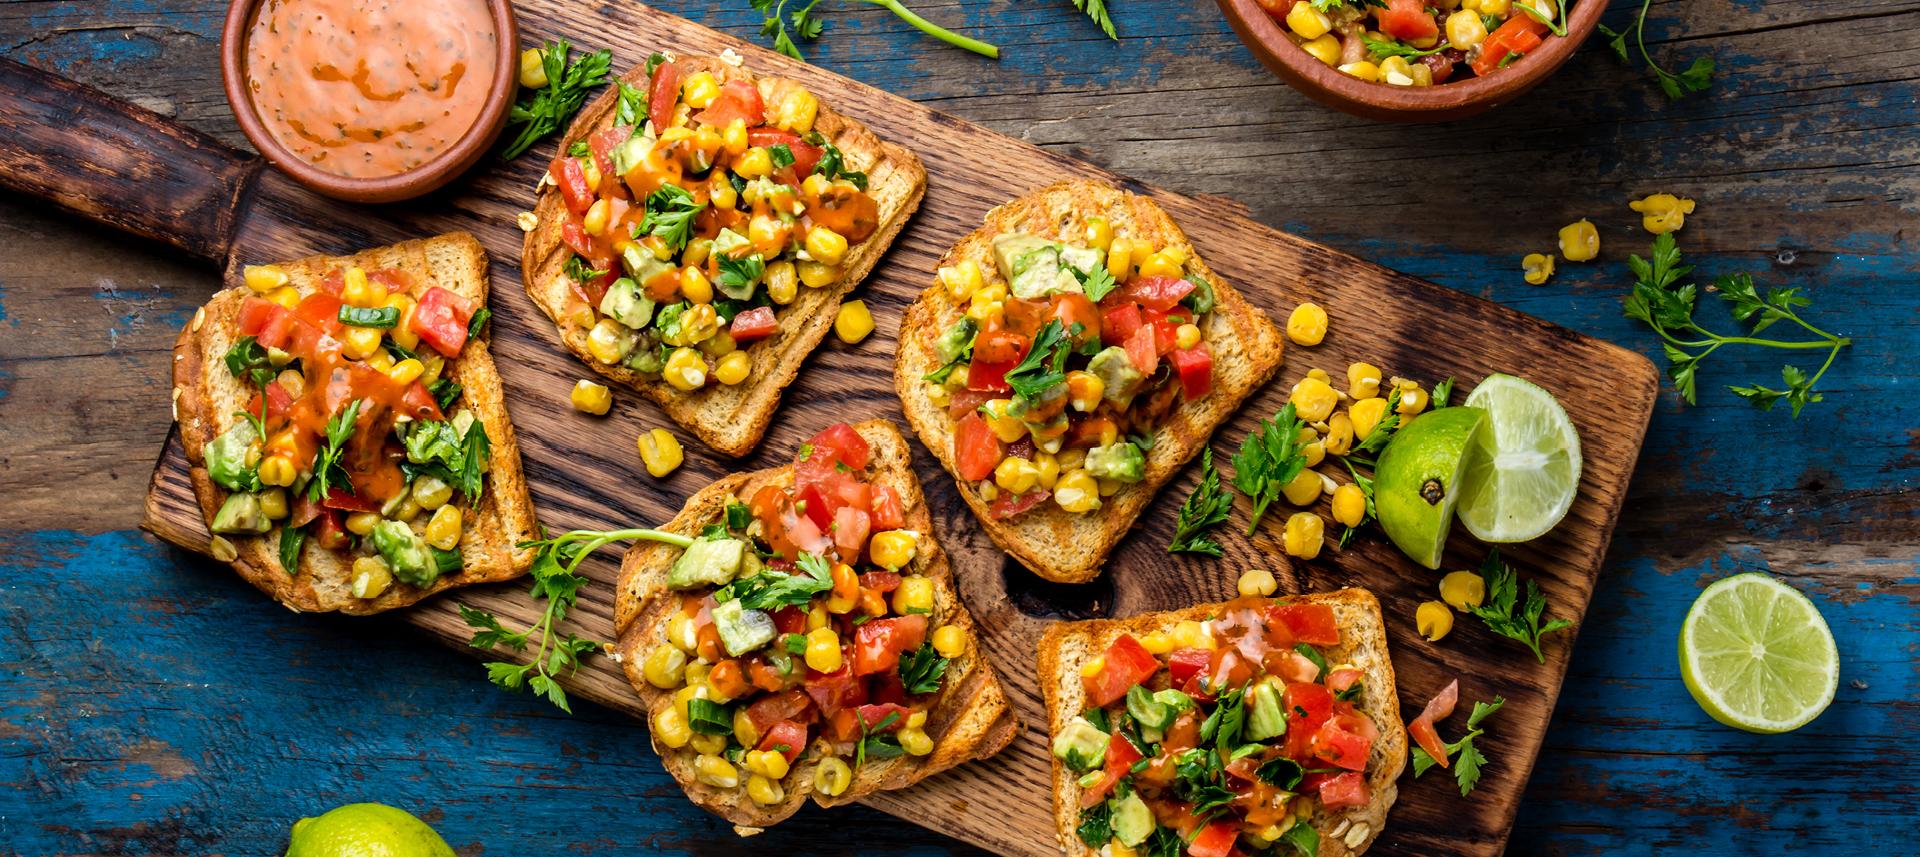 Brusketa s avokadom, rajčicom i kukuruzom.jpg